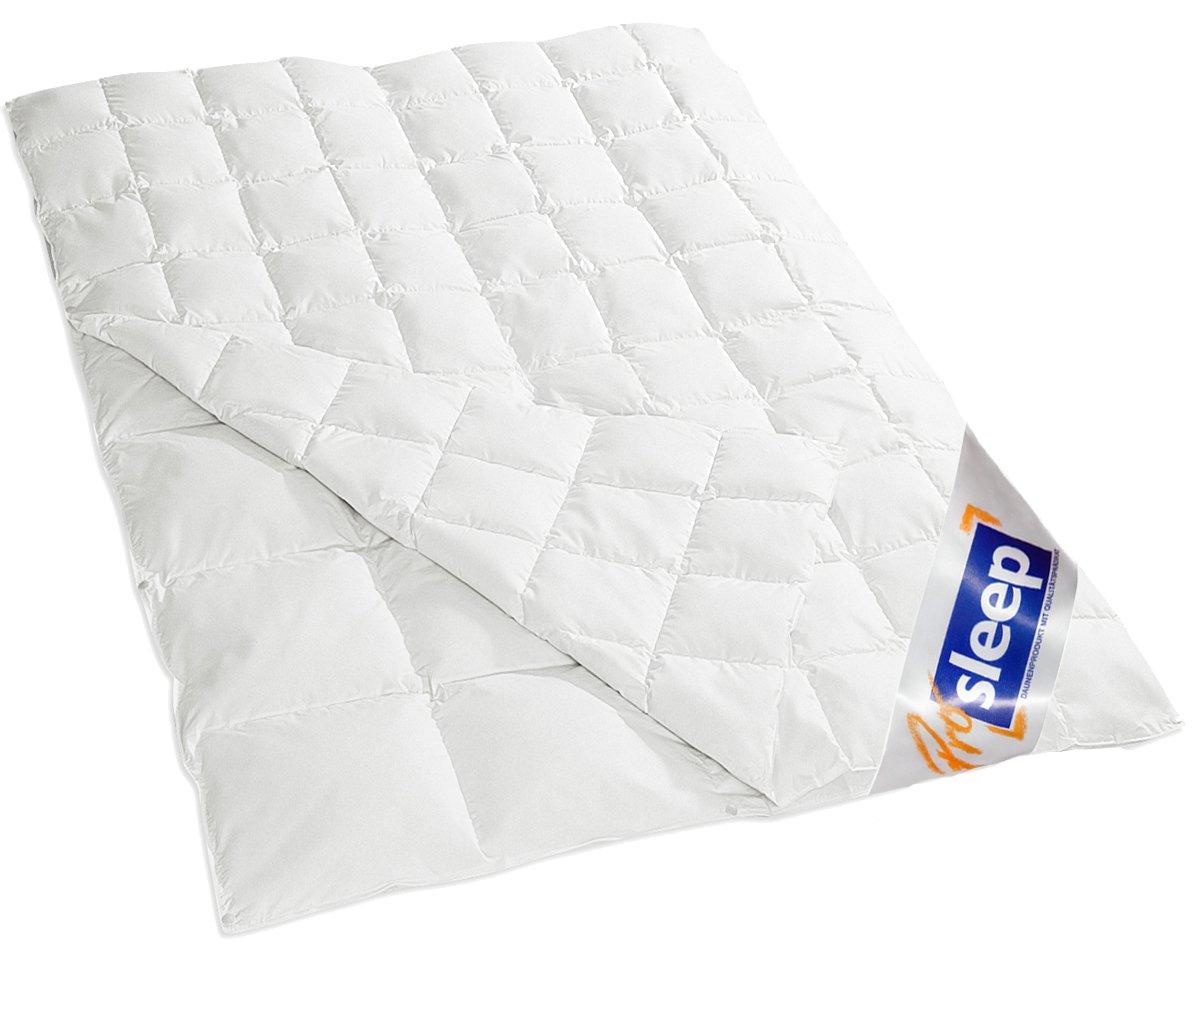 PRO SLEEP  4 Jahreszeitendecke  155x200cm  90% Daune / 10% Federchen  920 gr.  Made in Germany  975.83.002  Kundenbewertung und Beschreibung